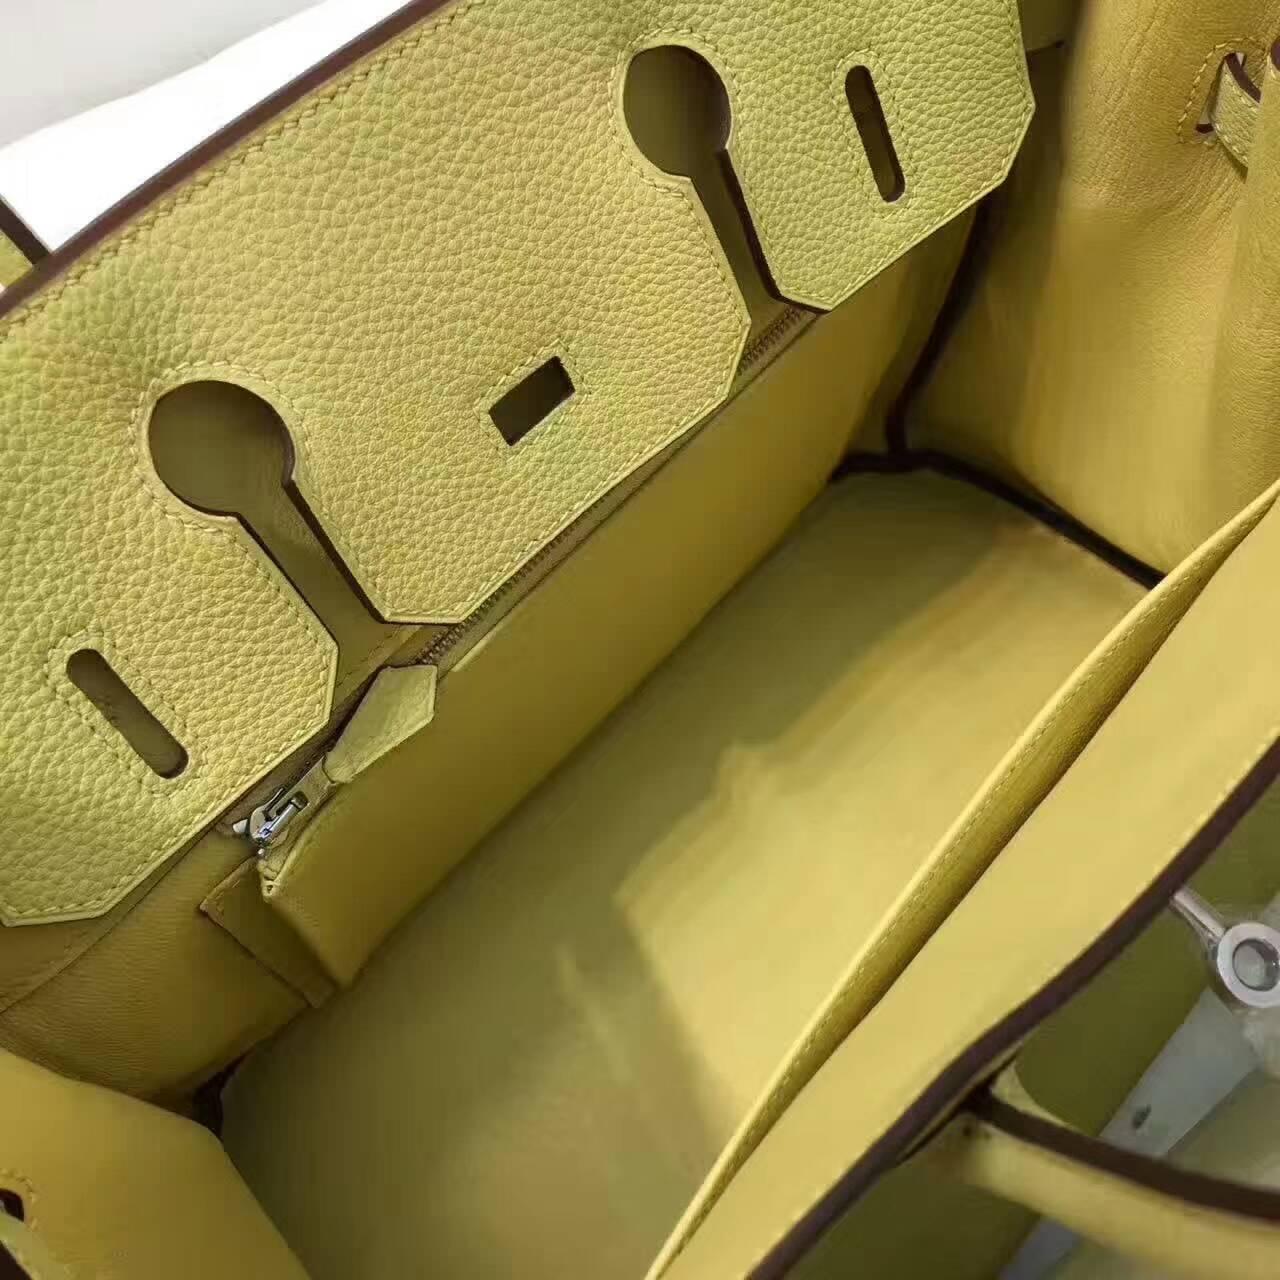 爱马仕铂金包 Birkin 30cm Togo 法国原产小牛皮 1Z Jaine Poessin 小鸡黄 银扣